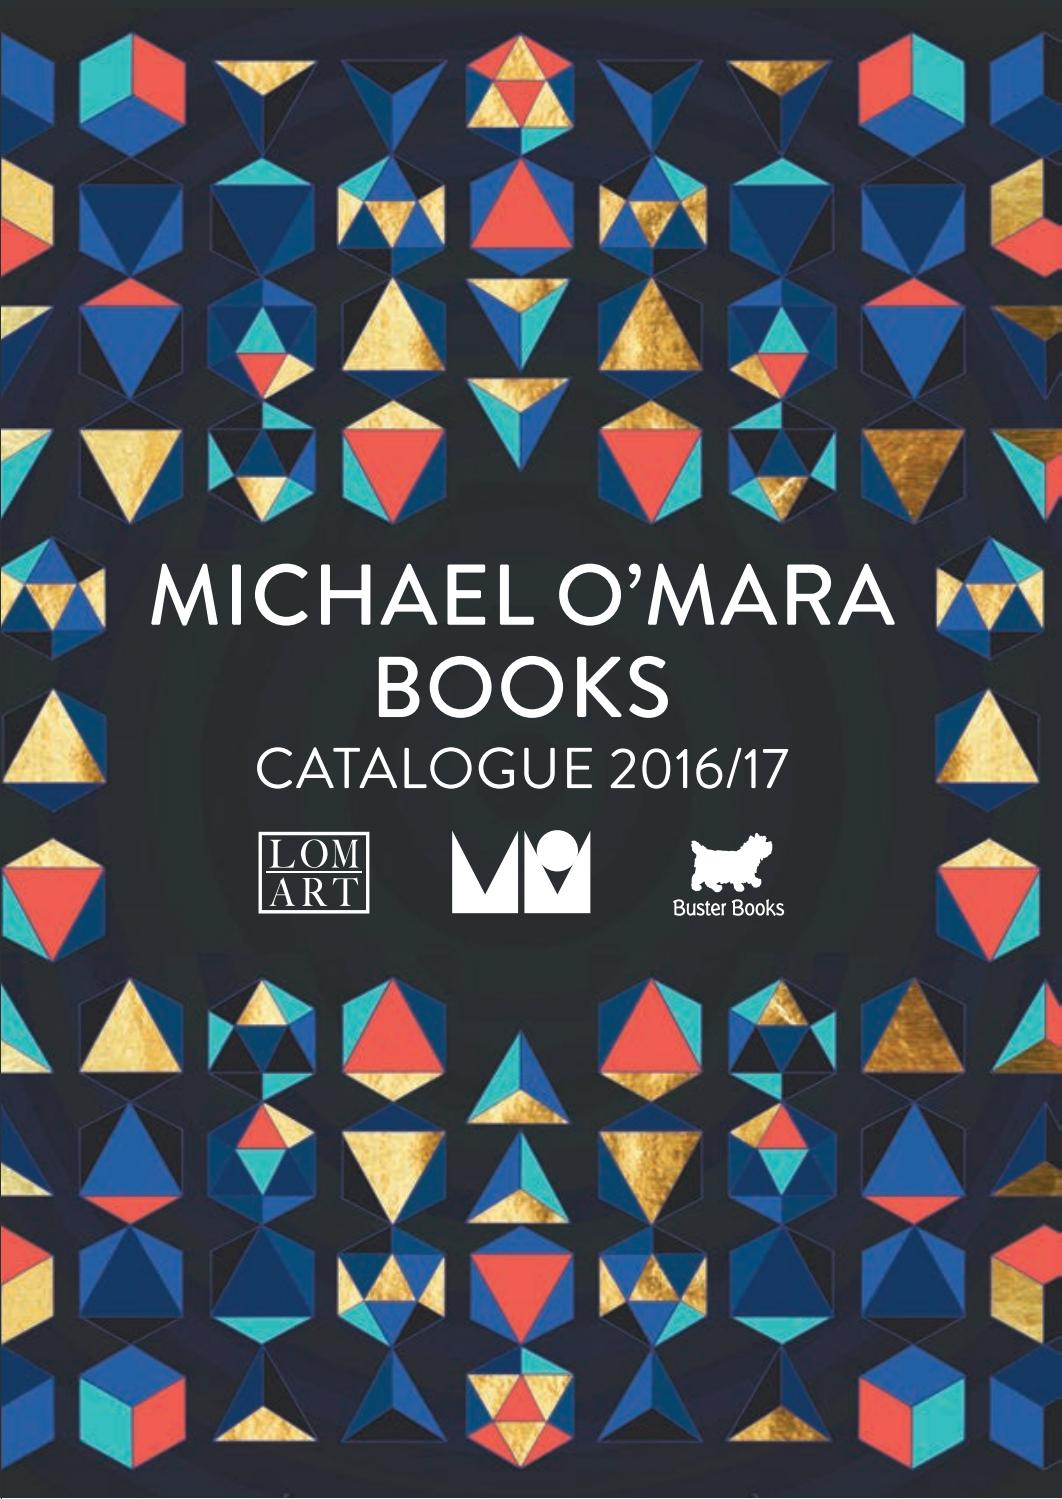 Art therapy coloring book michael omara - Art Therapy Coloring Book Michael Omara 49